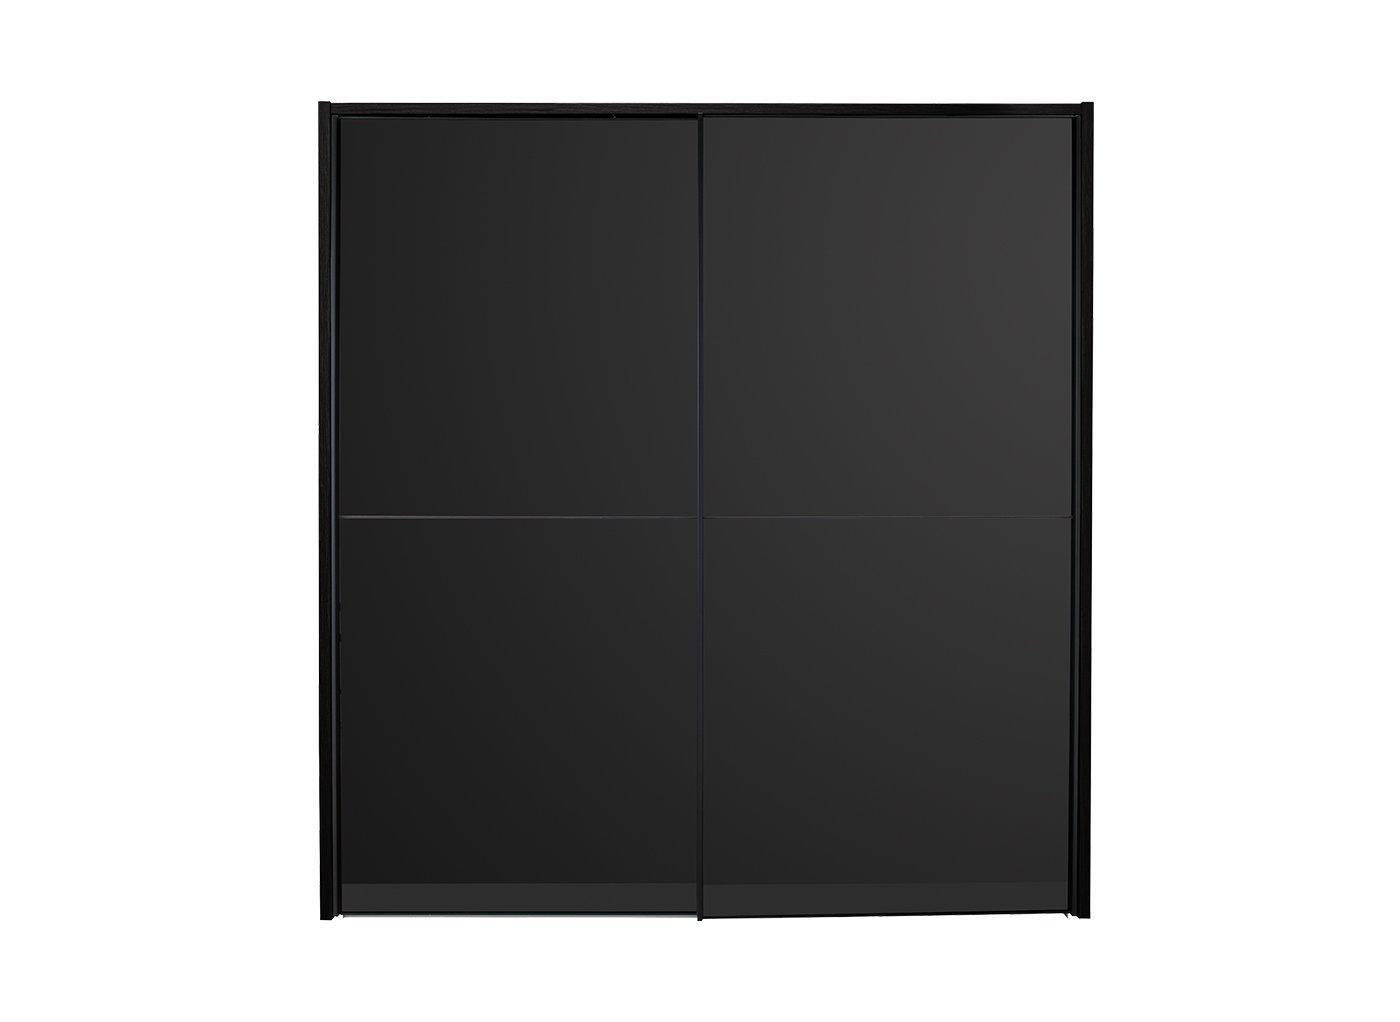 Trinidad 2 Door Medium Sliding Wardrobe - Black